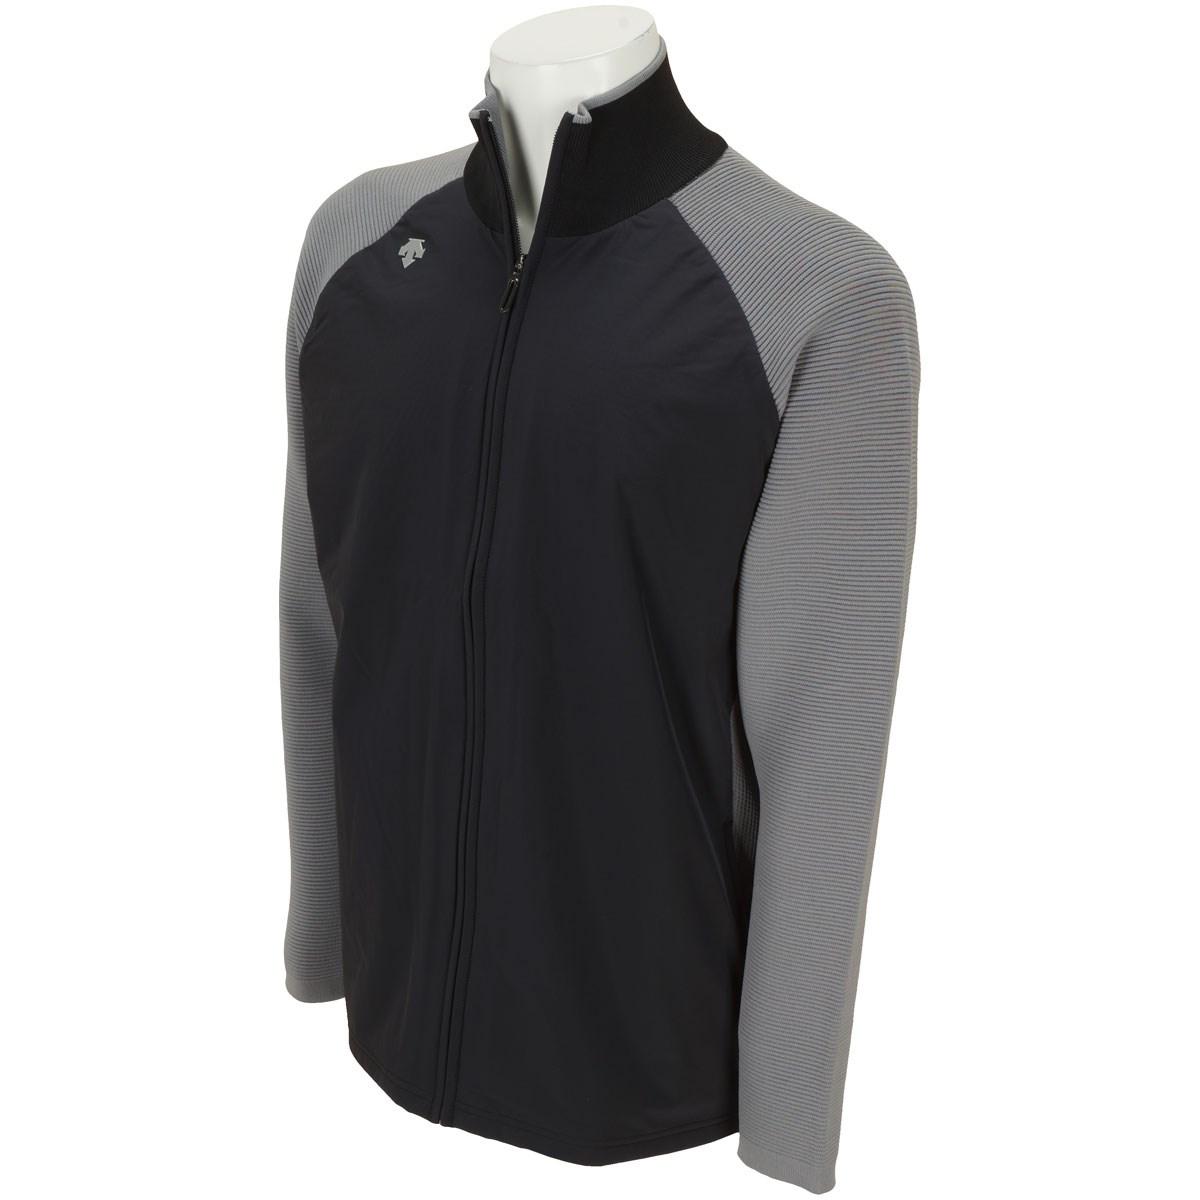 デサントゴルフ(DESCENTE GOLF) ポーラテックα中綿フルジップセーター